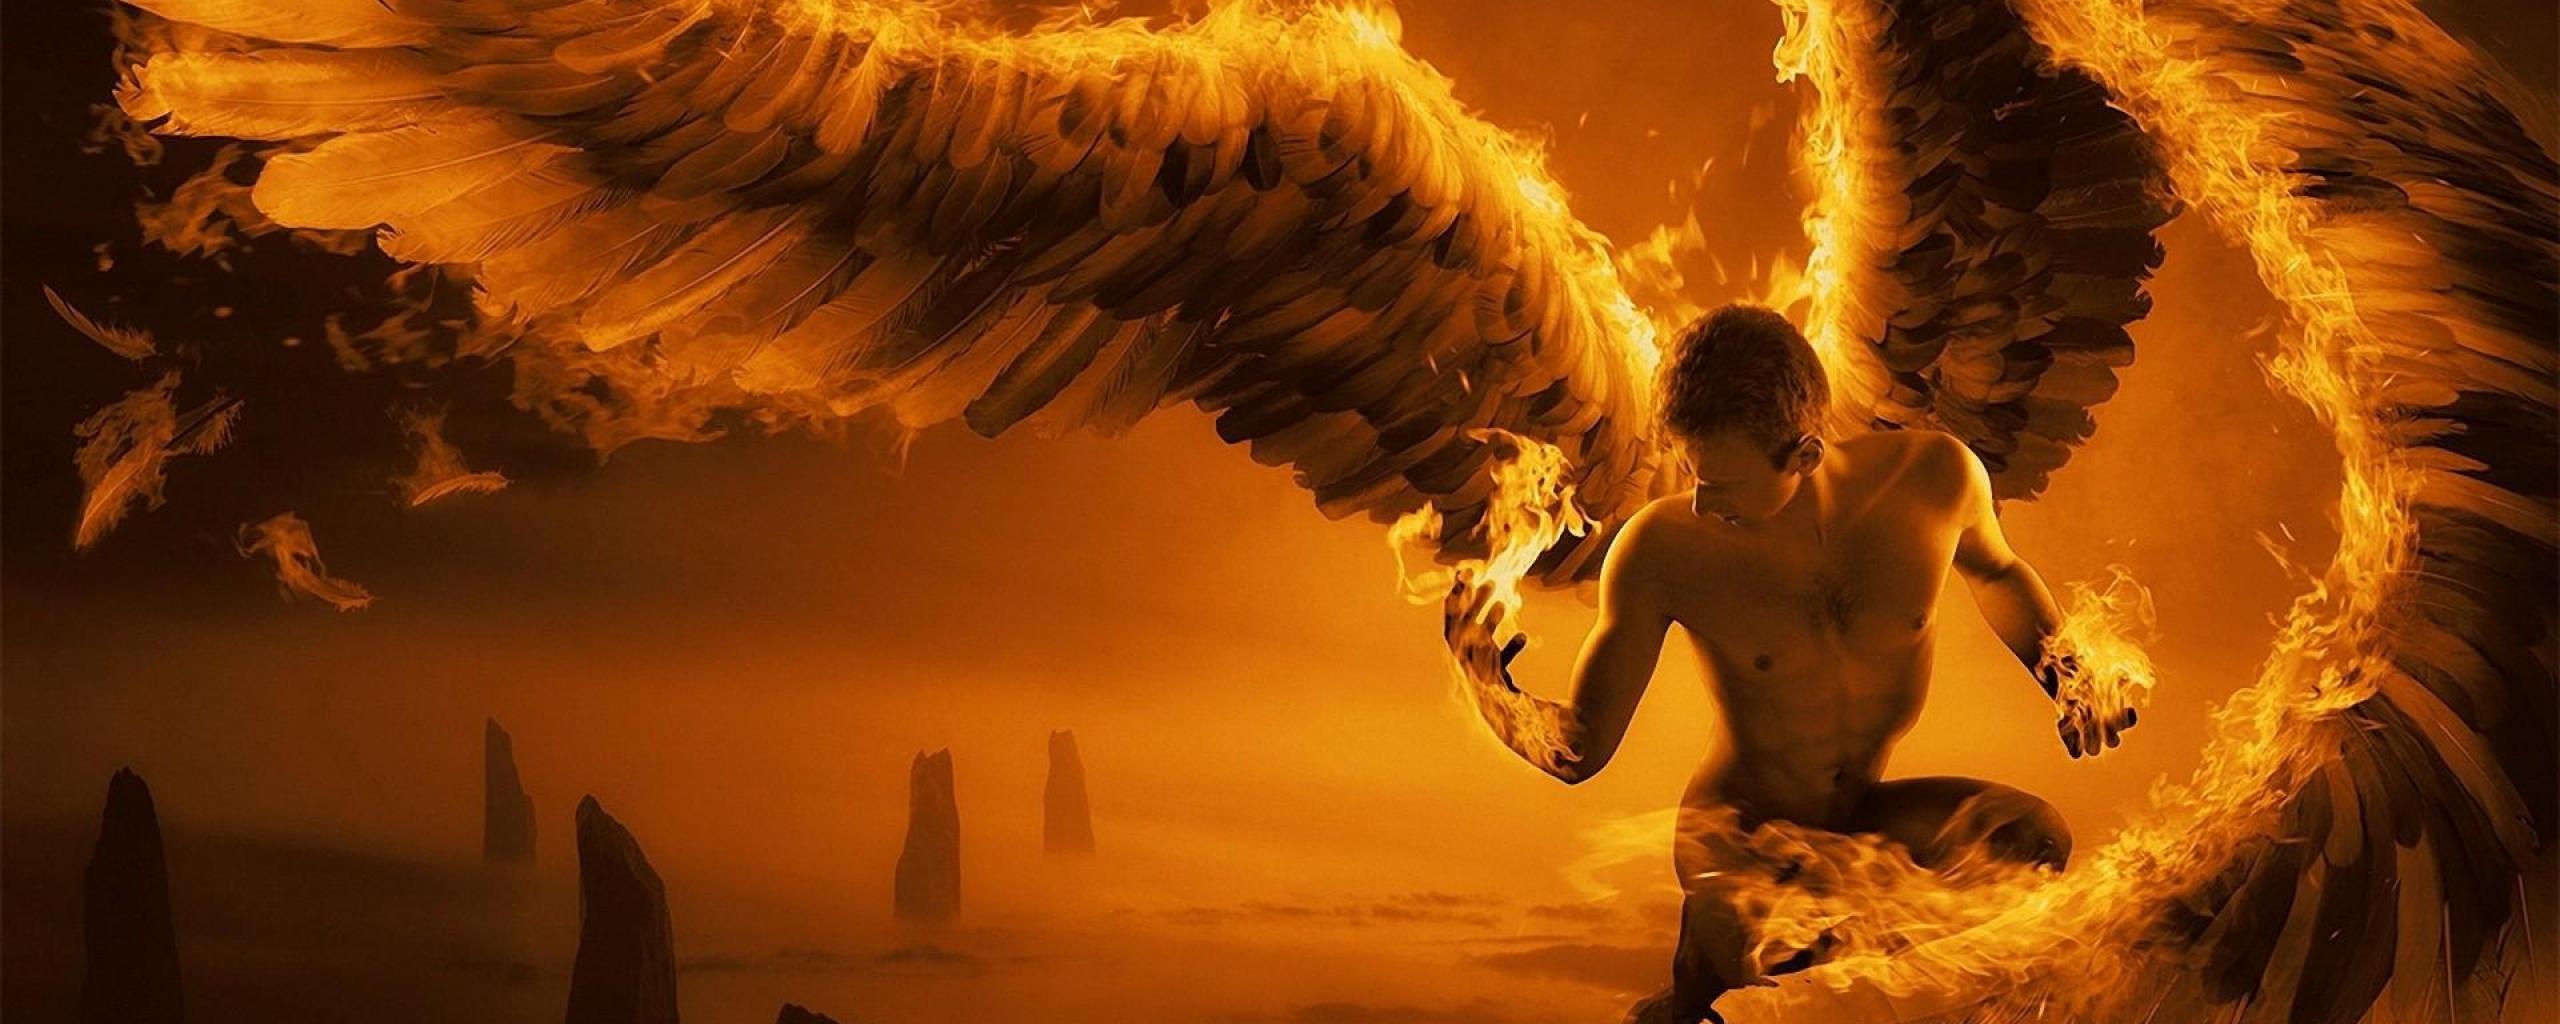 Wings of Fire Wallpaper - WallpaperSafari